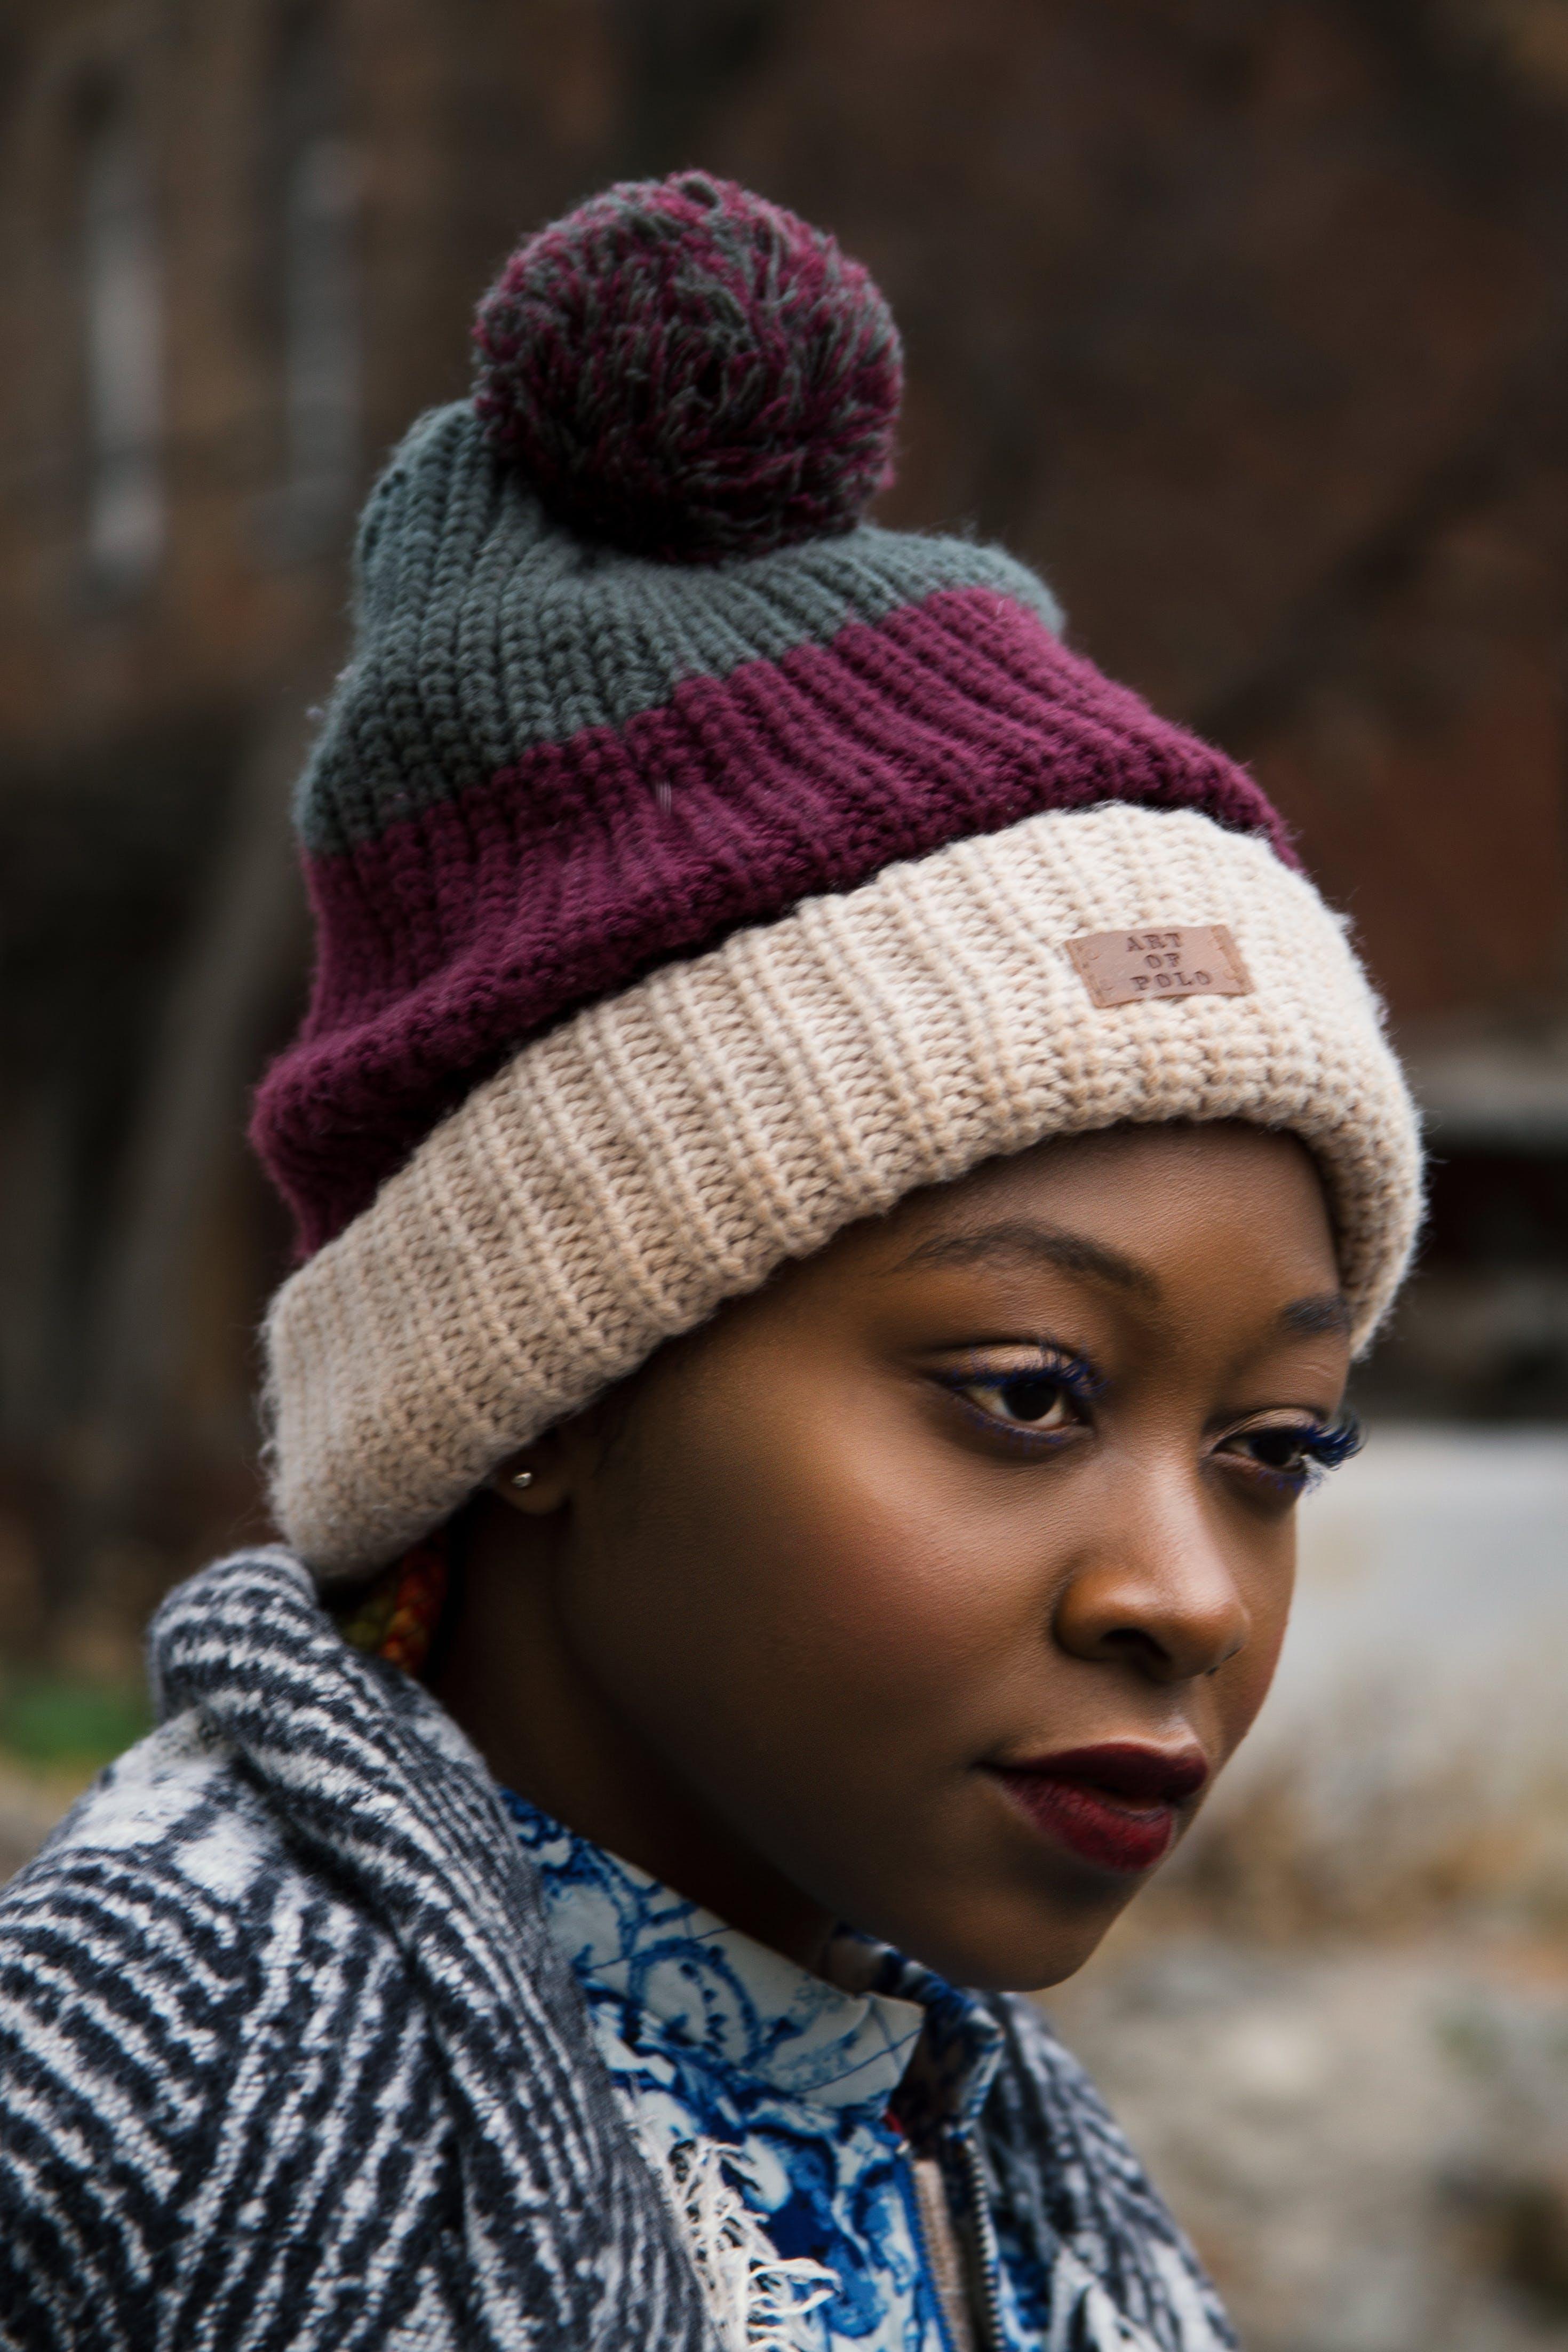 Woman Wearing Striped Bobble Hat